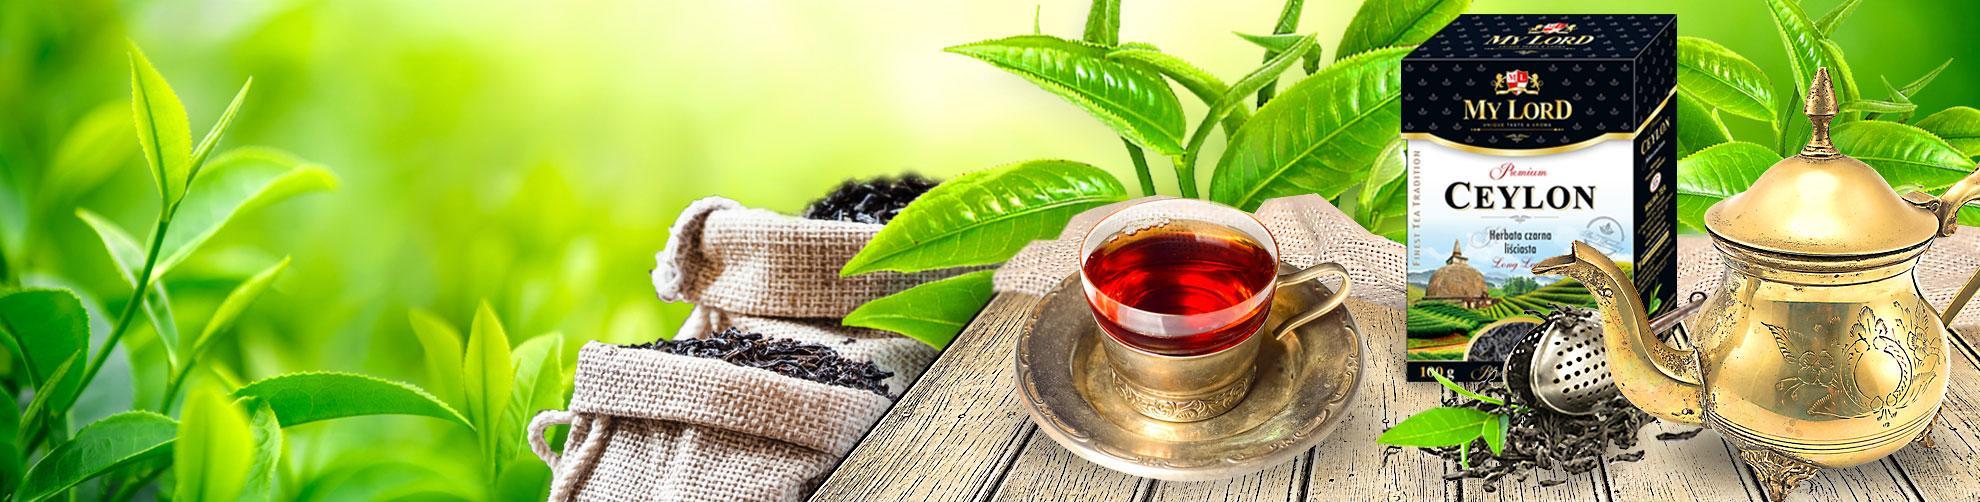 Malwa Tea Black Teas